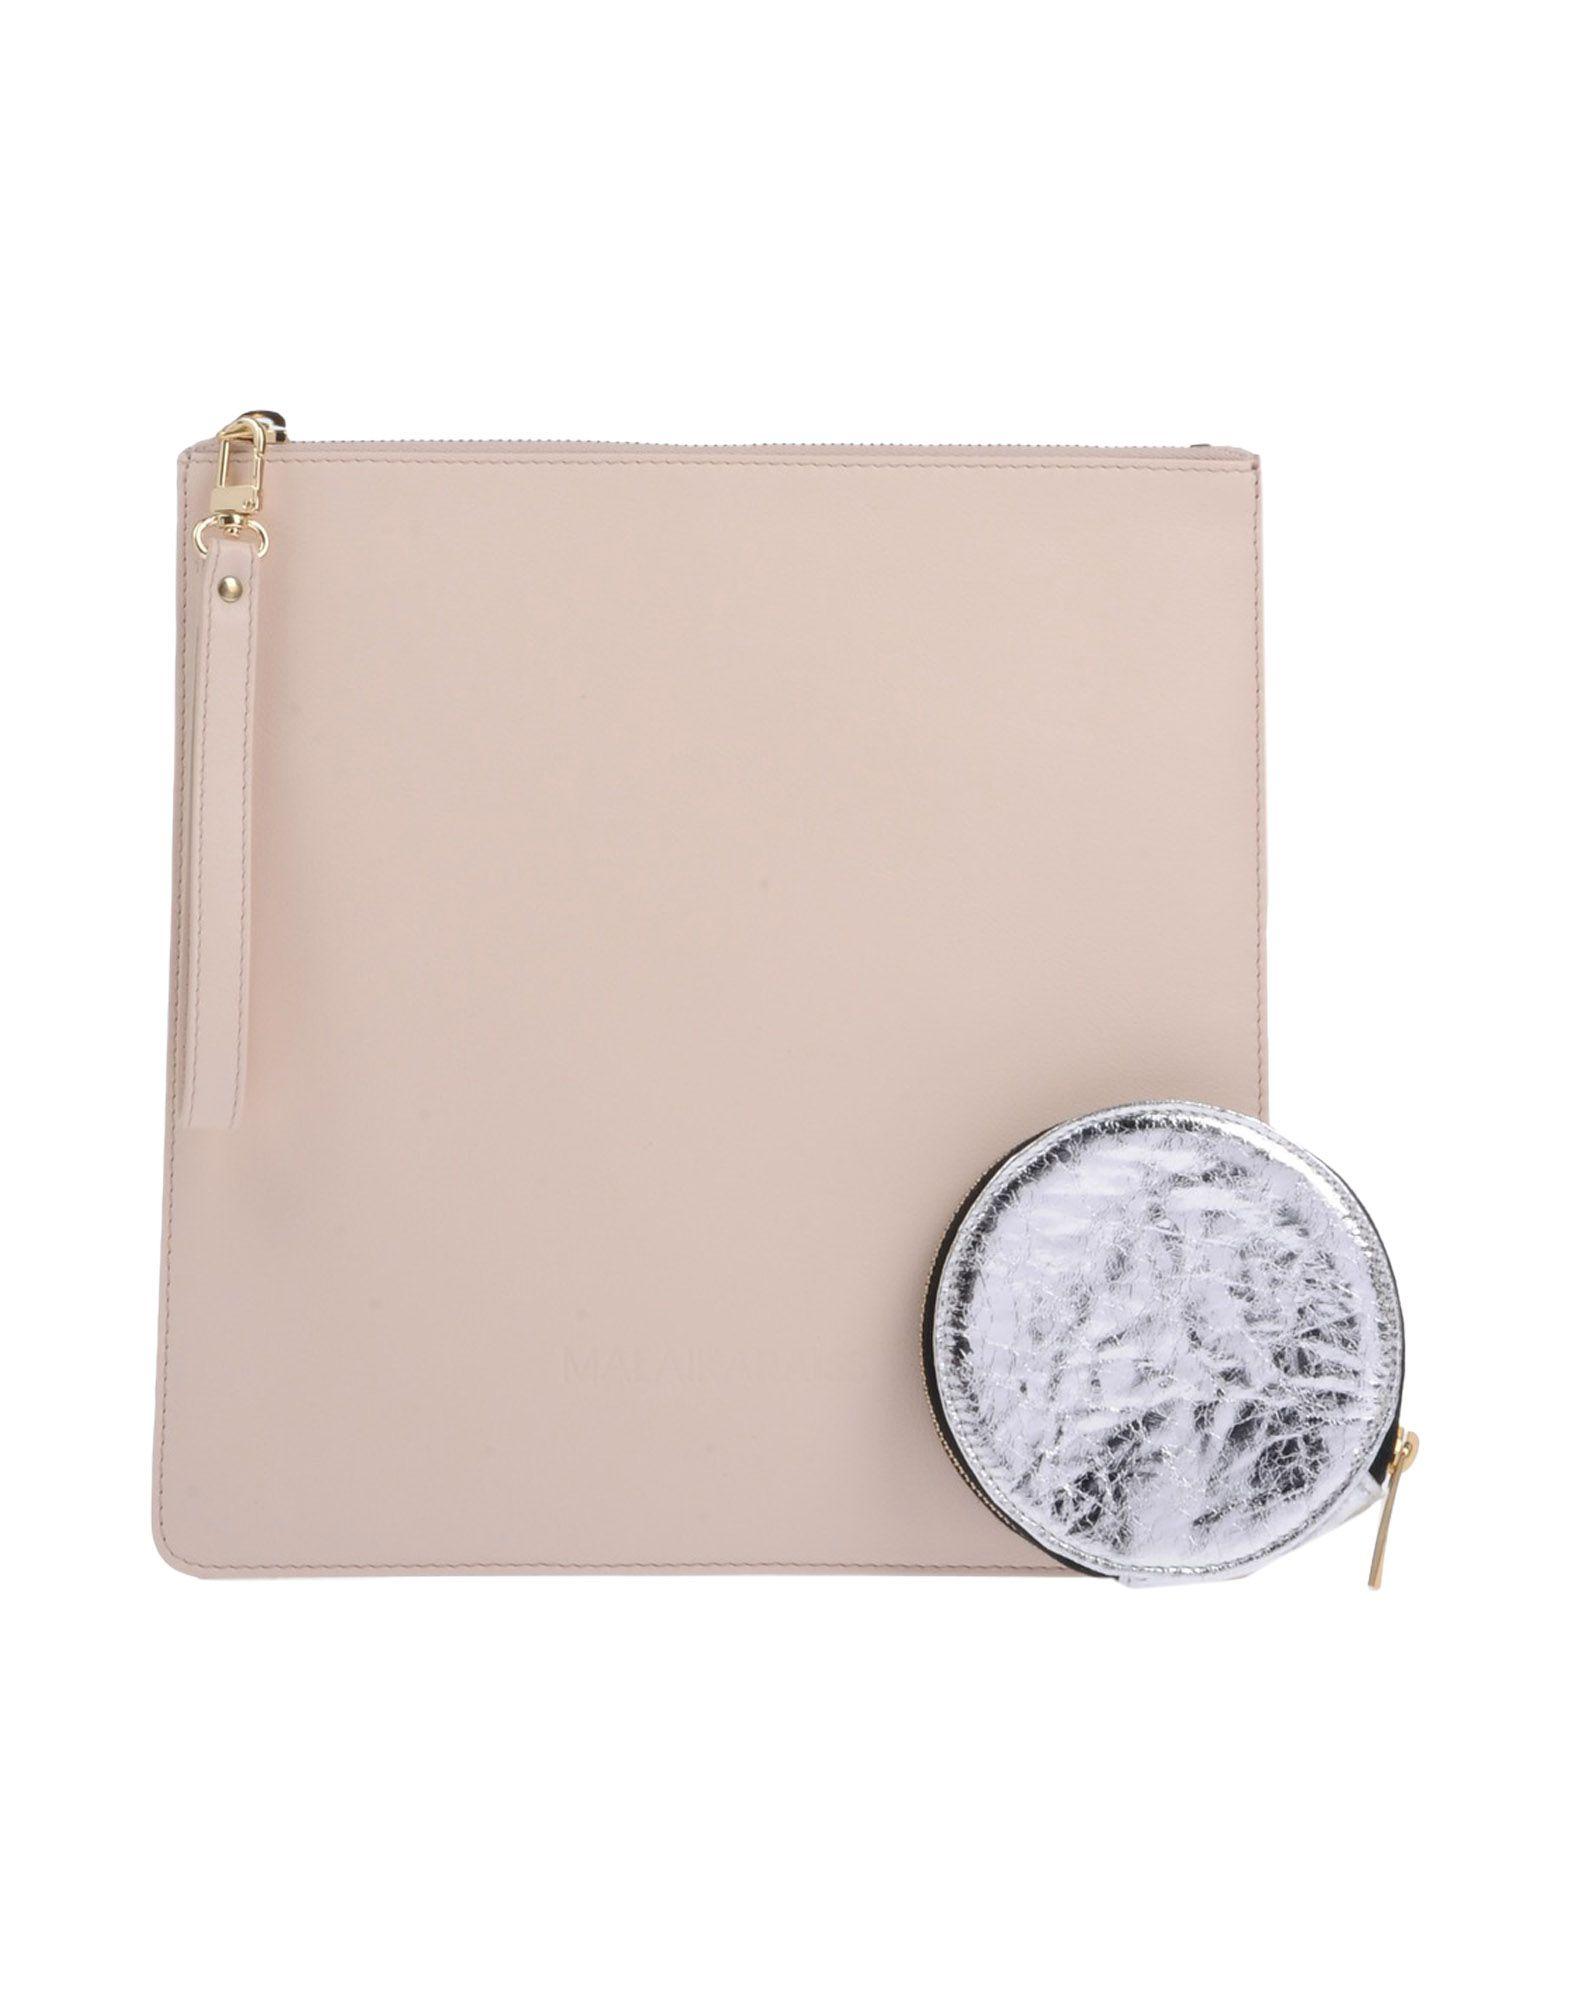 MALAIKA RAISS Handbag in Light Pink